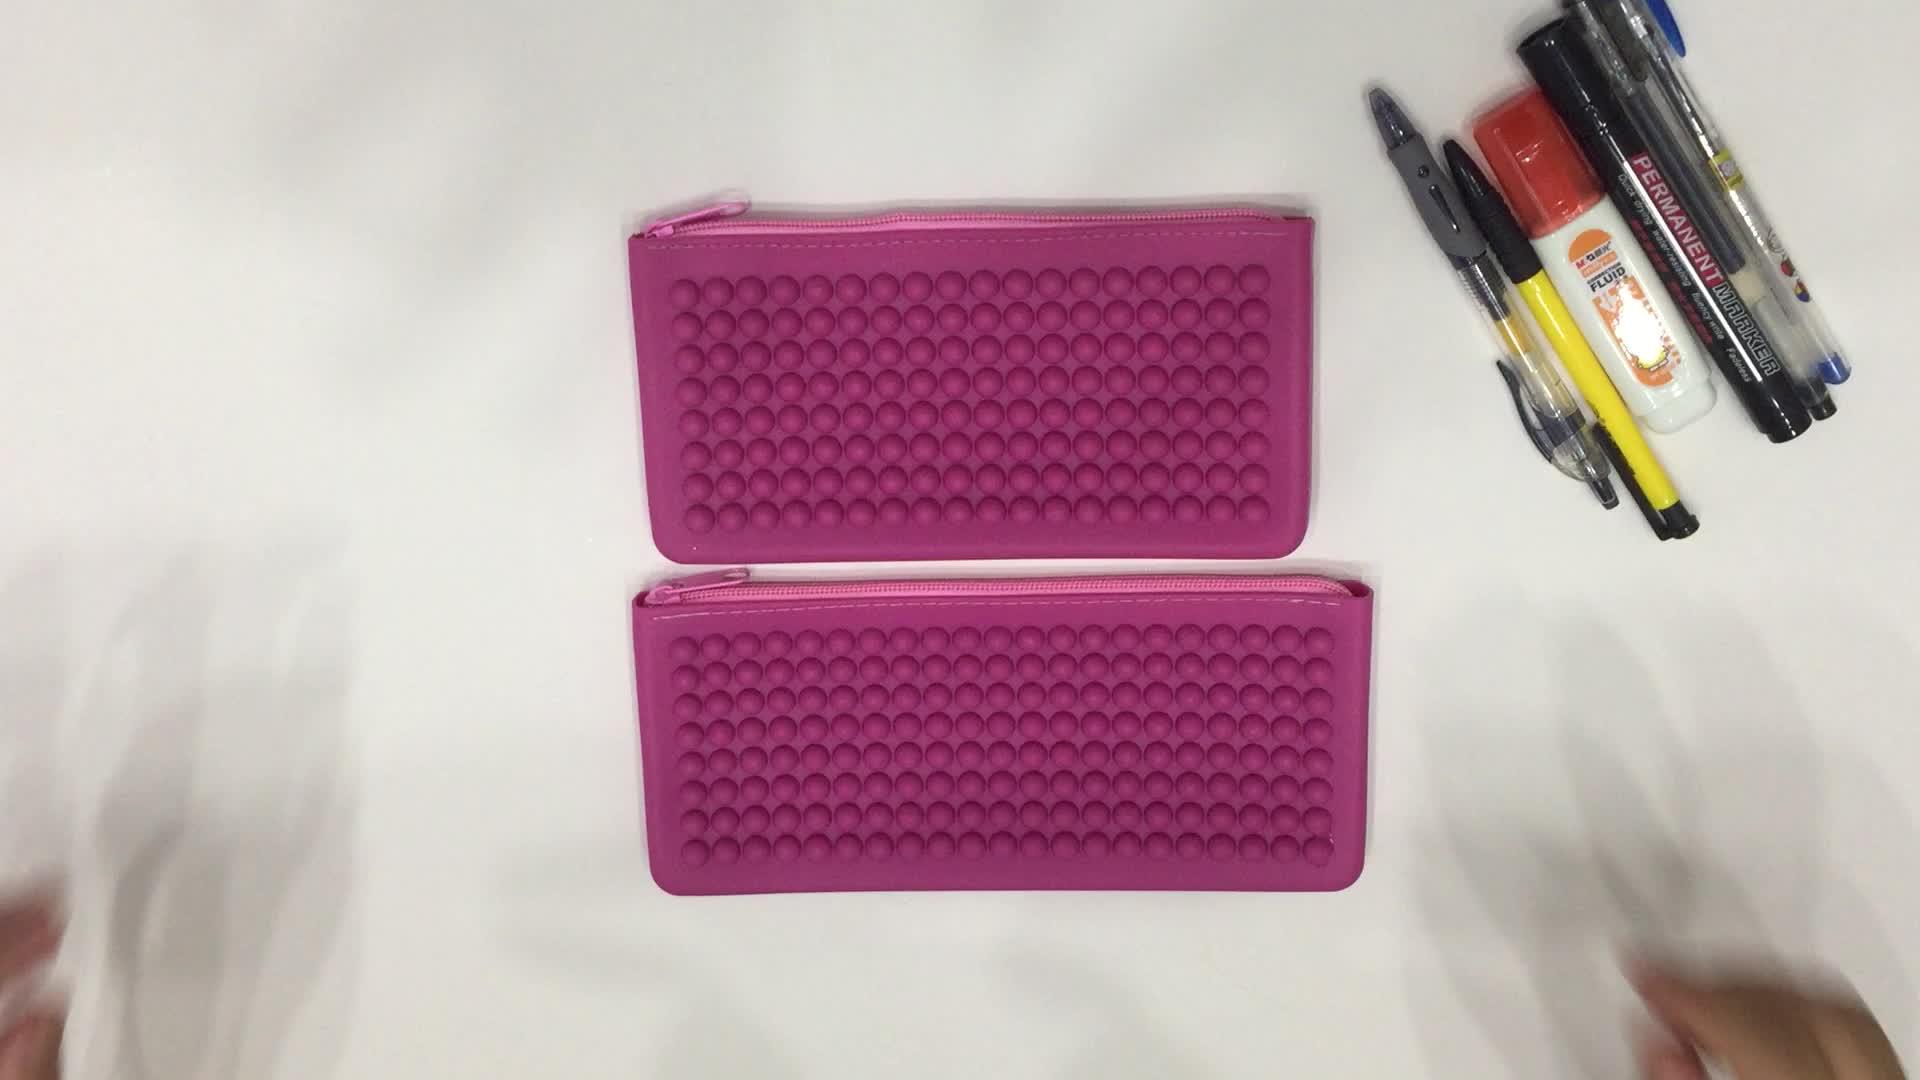 マルチ有用なキャンディーゼリー財布ポーチジッパー財布カスタム旅行化粧品袋